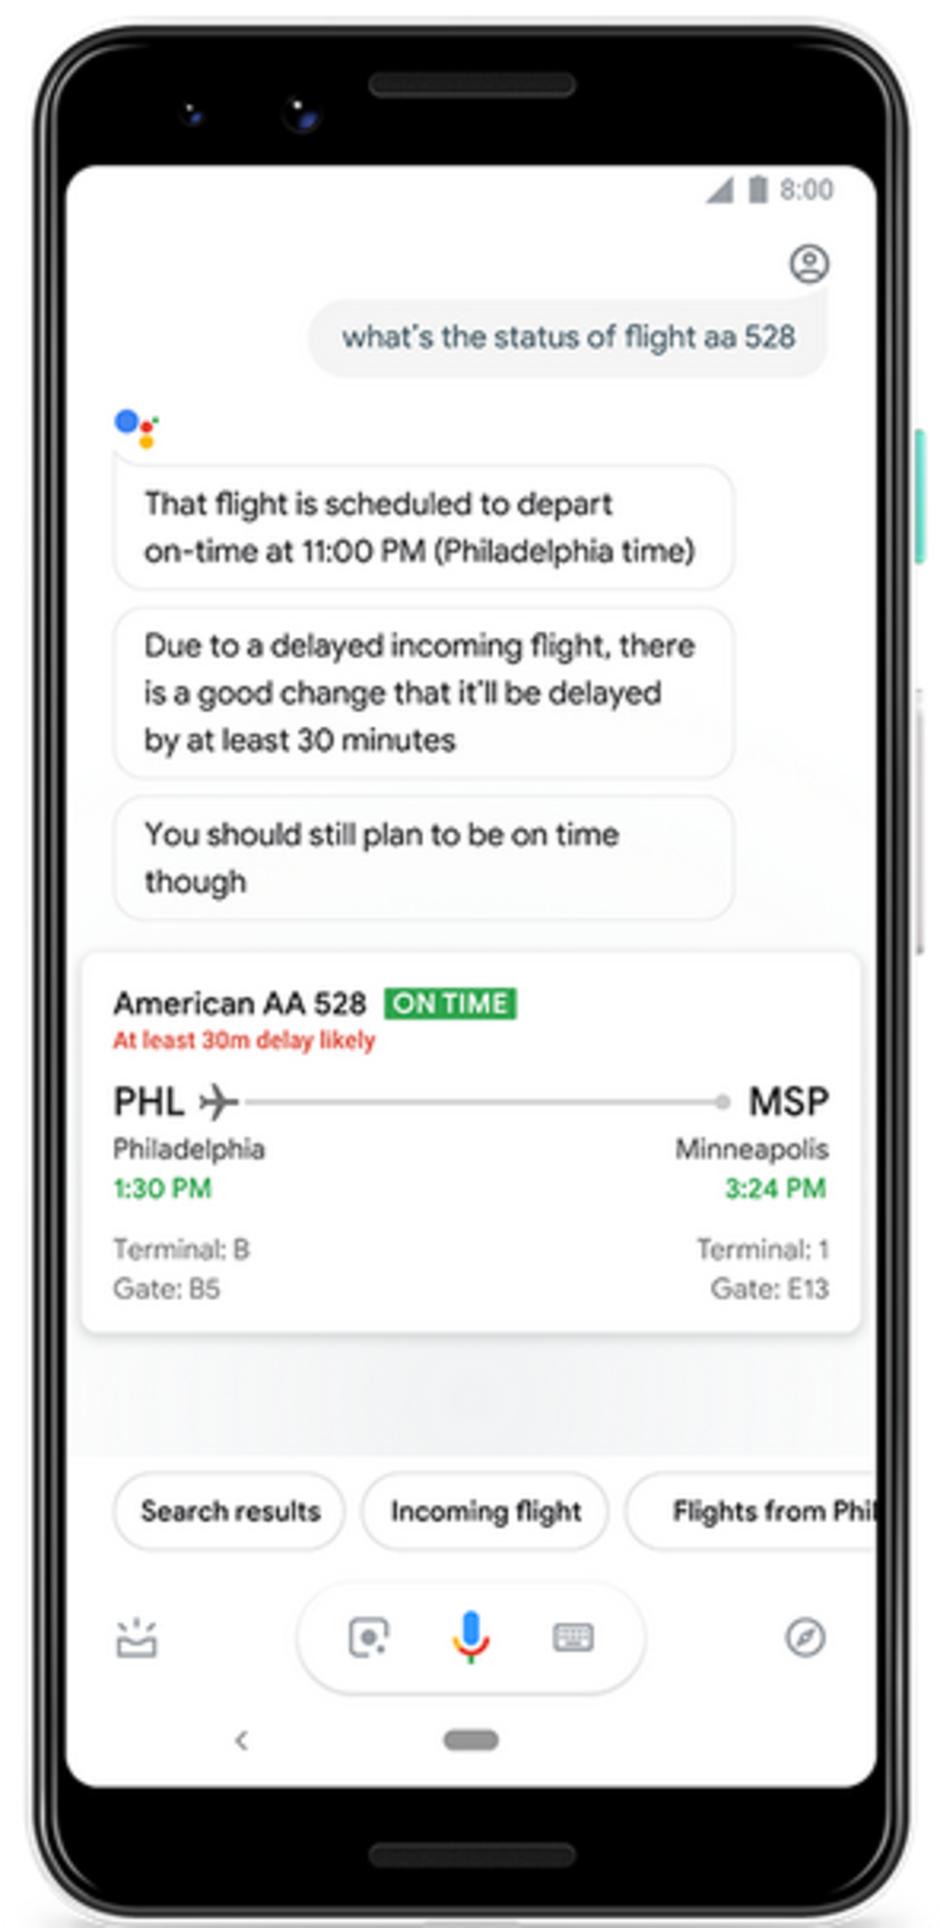 建议跟进!谷歌语音助手可预测航班是否延误 - 热点资讯